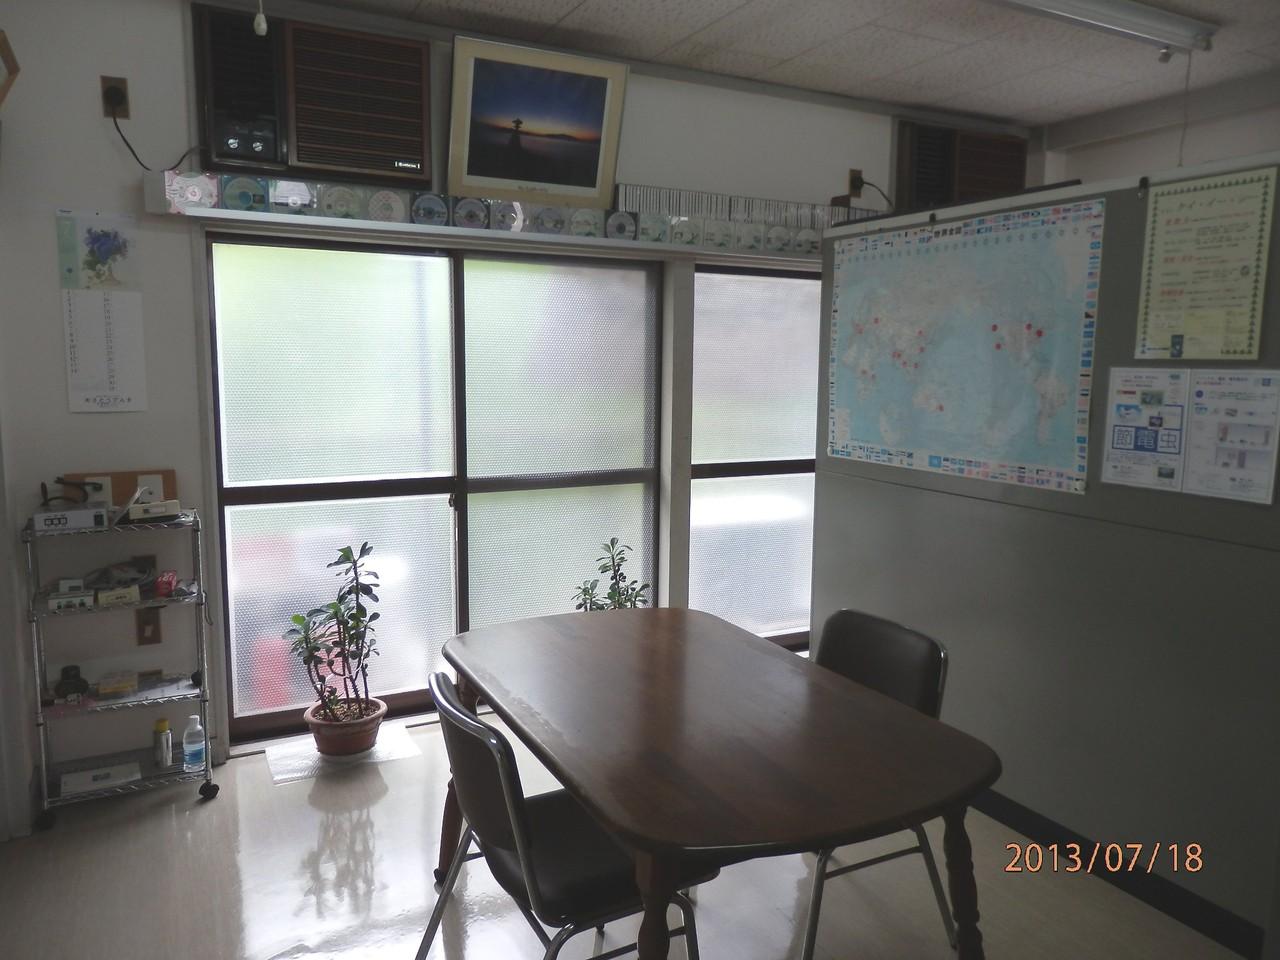 KECビル2階、202号室(10坪)内部(10坪)(釜本事務所、接客コーナー、室内から外窓方向)